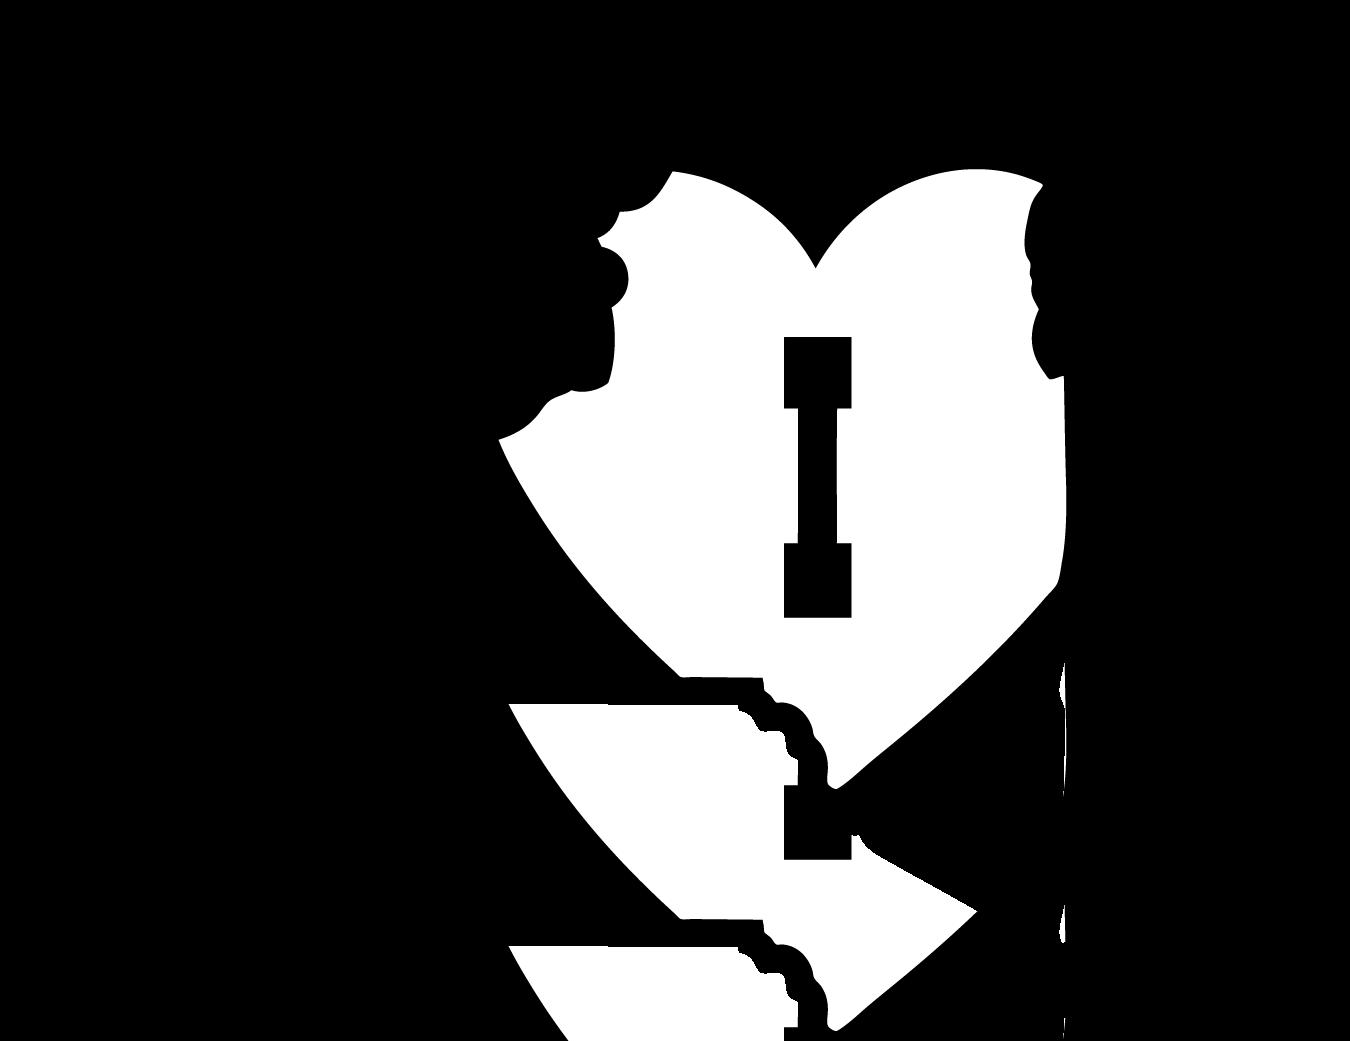 I Heart NY State Outline (NY11) NY11 - $4.99 : Eyecandy ...